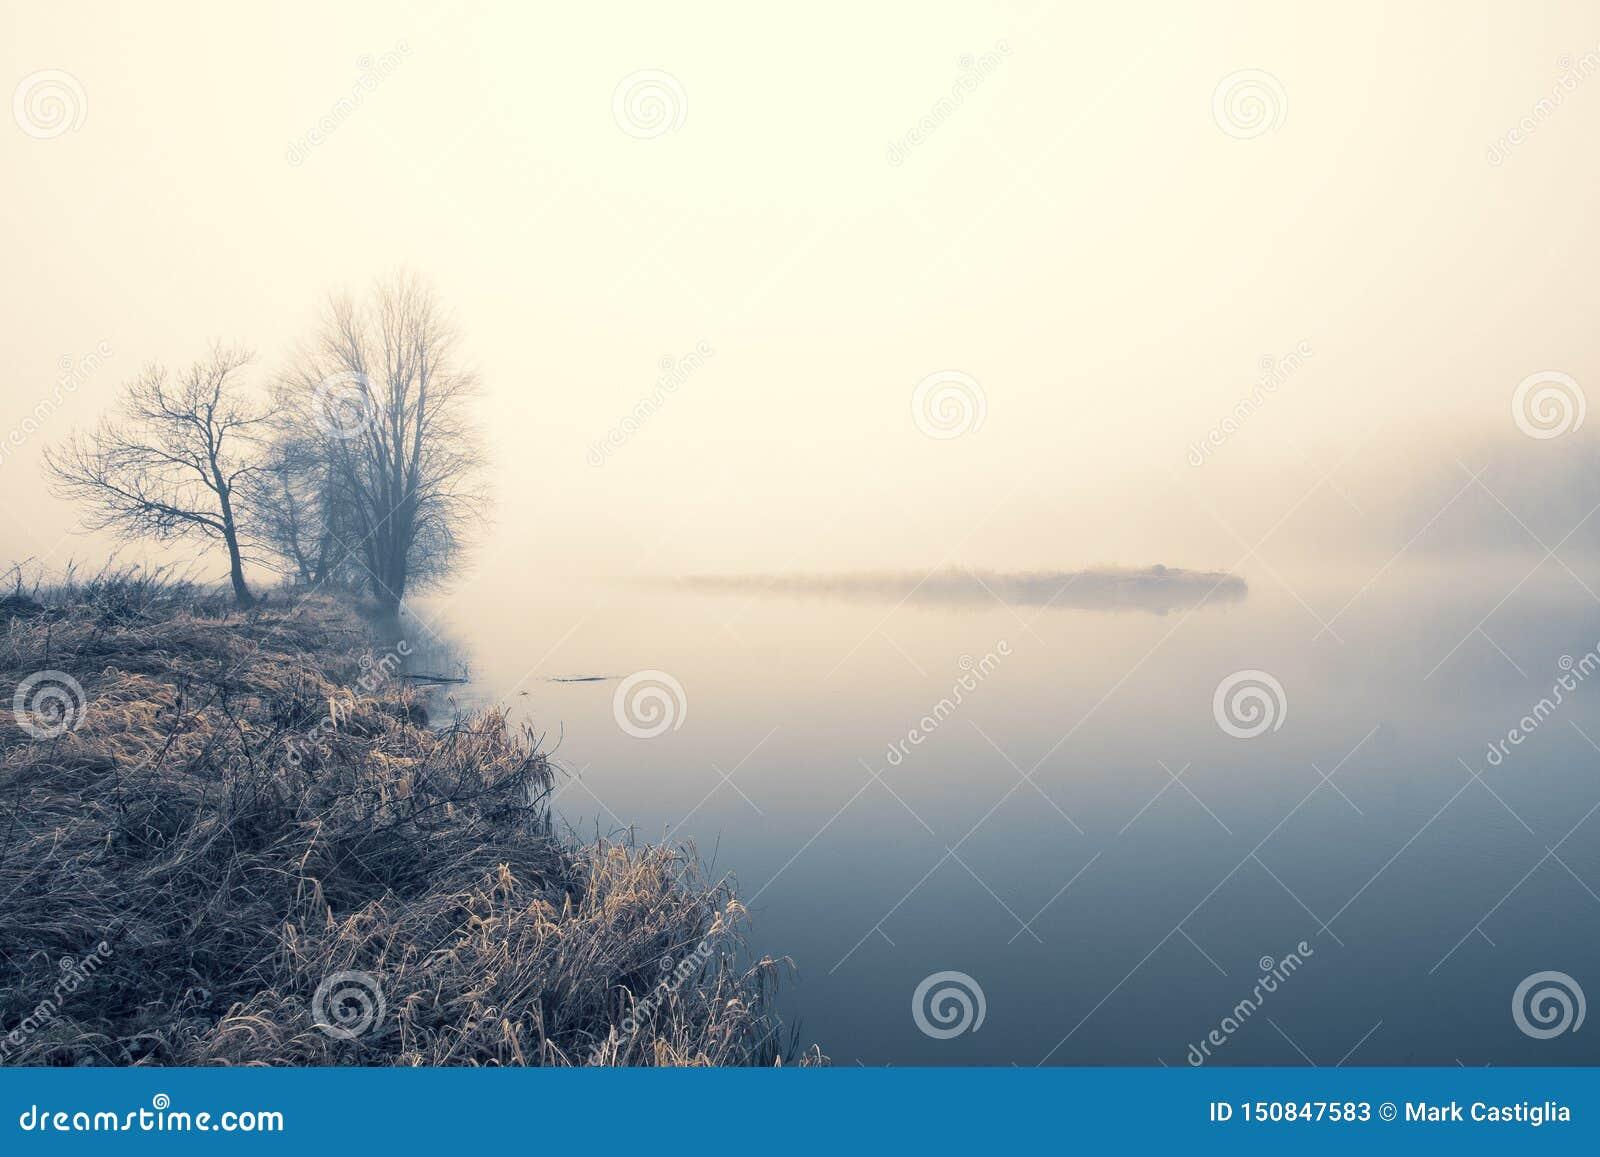 Nog water en kust met leafless bomen en mist duistere horizon; koele tonen; exemplaarruimte